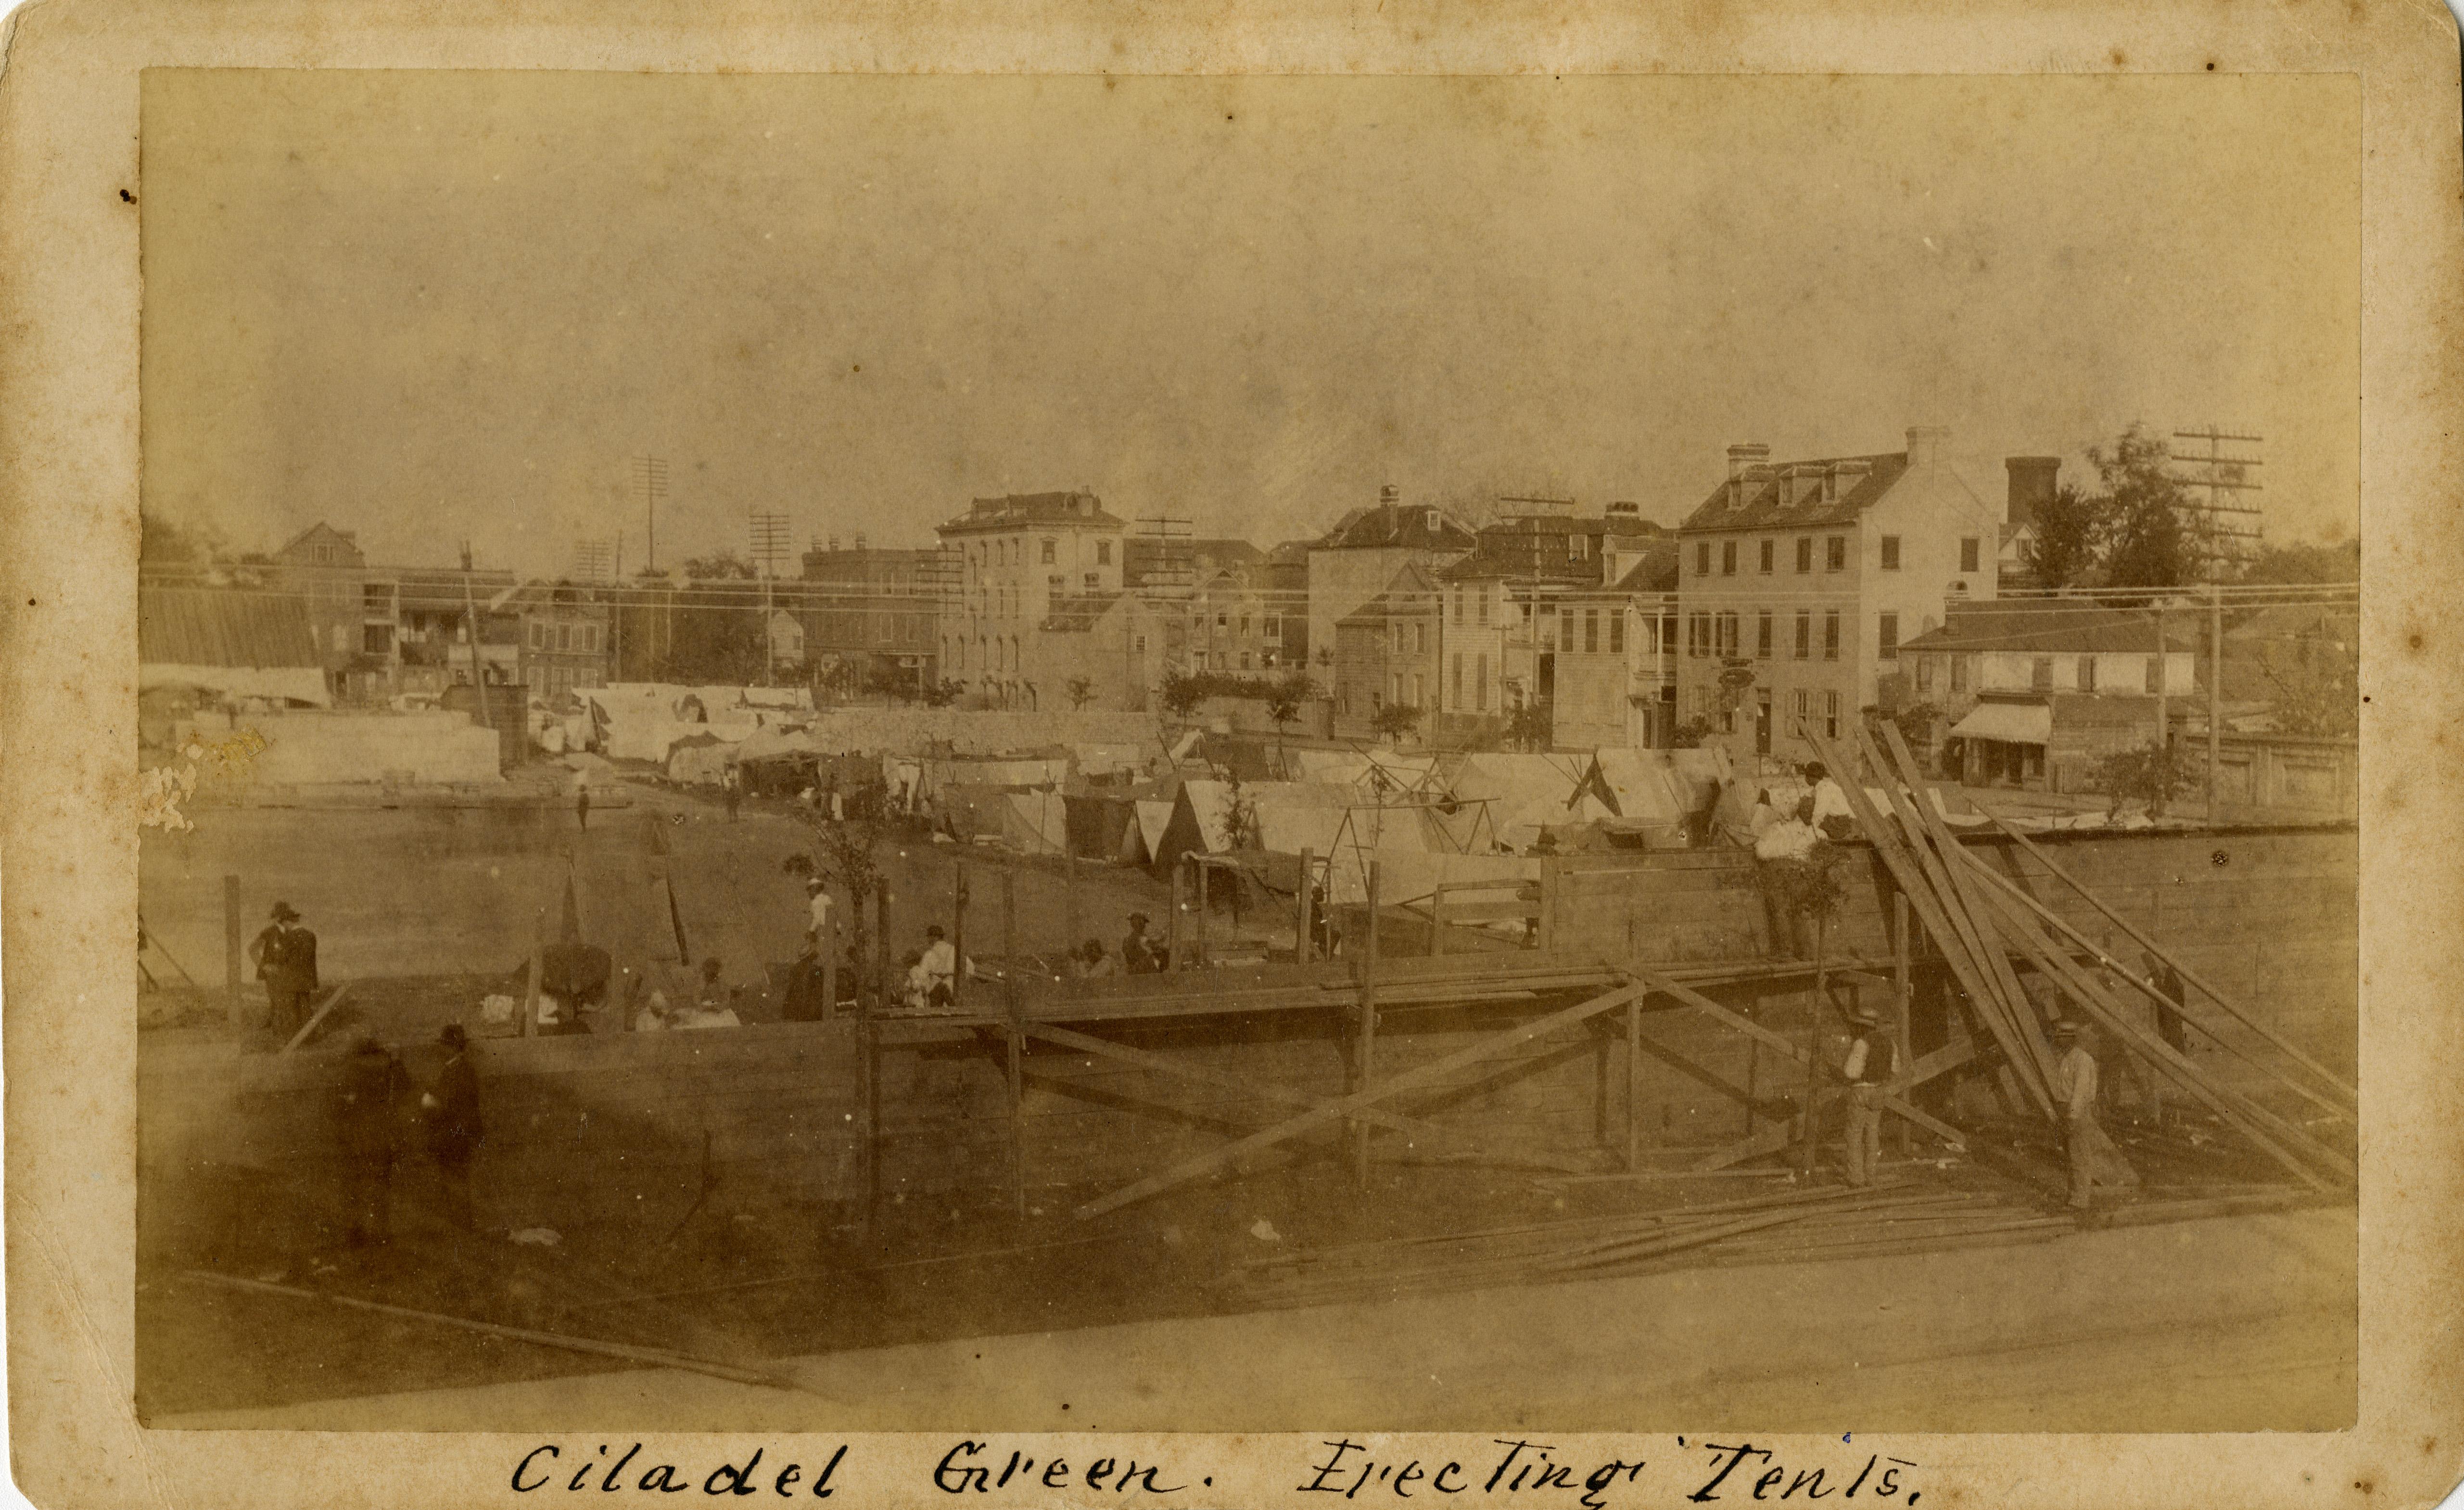 Citadel Green